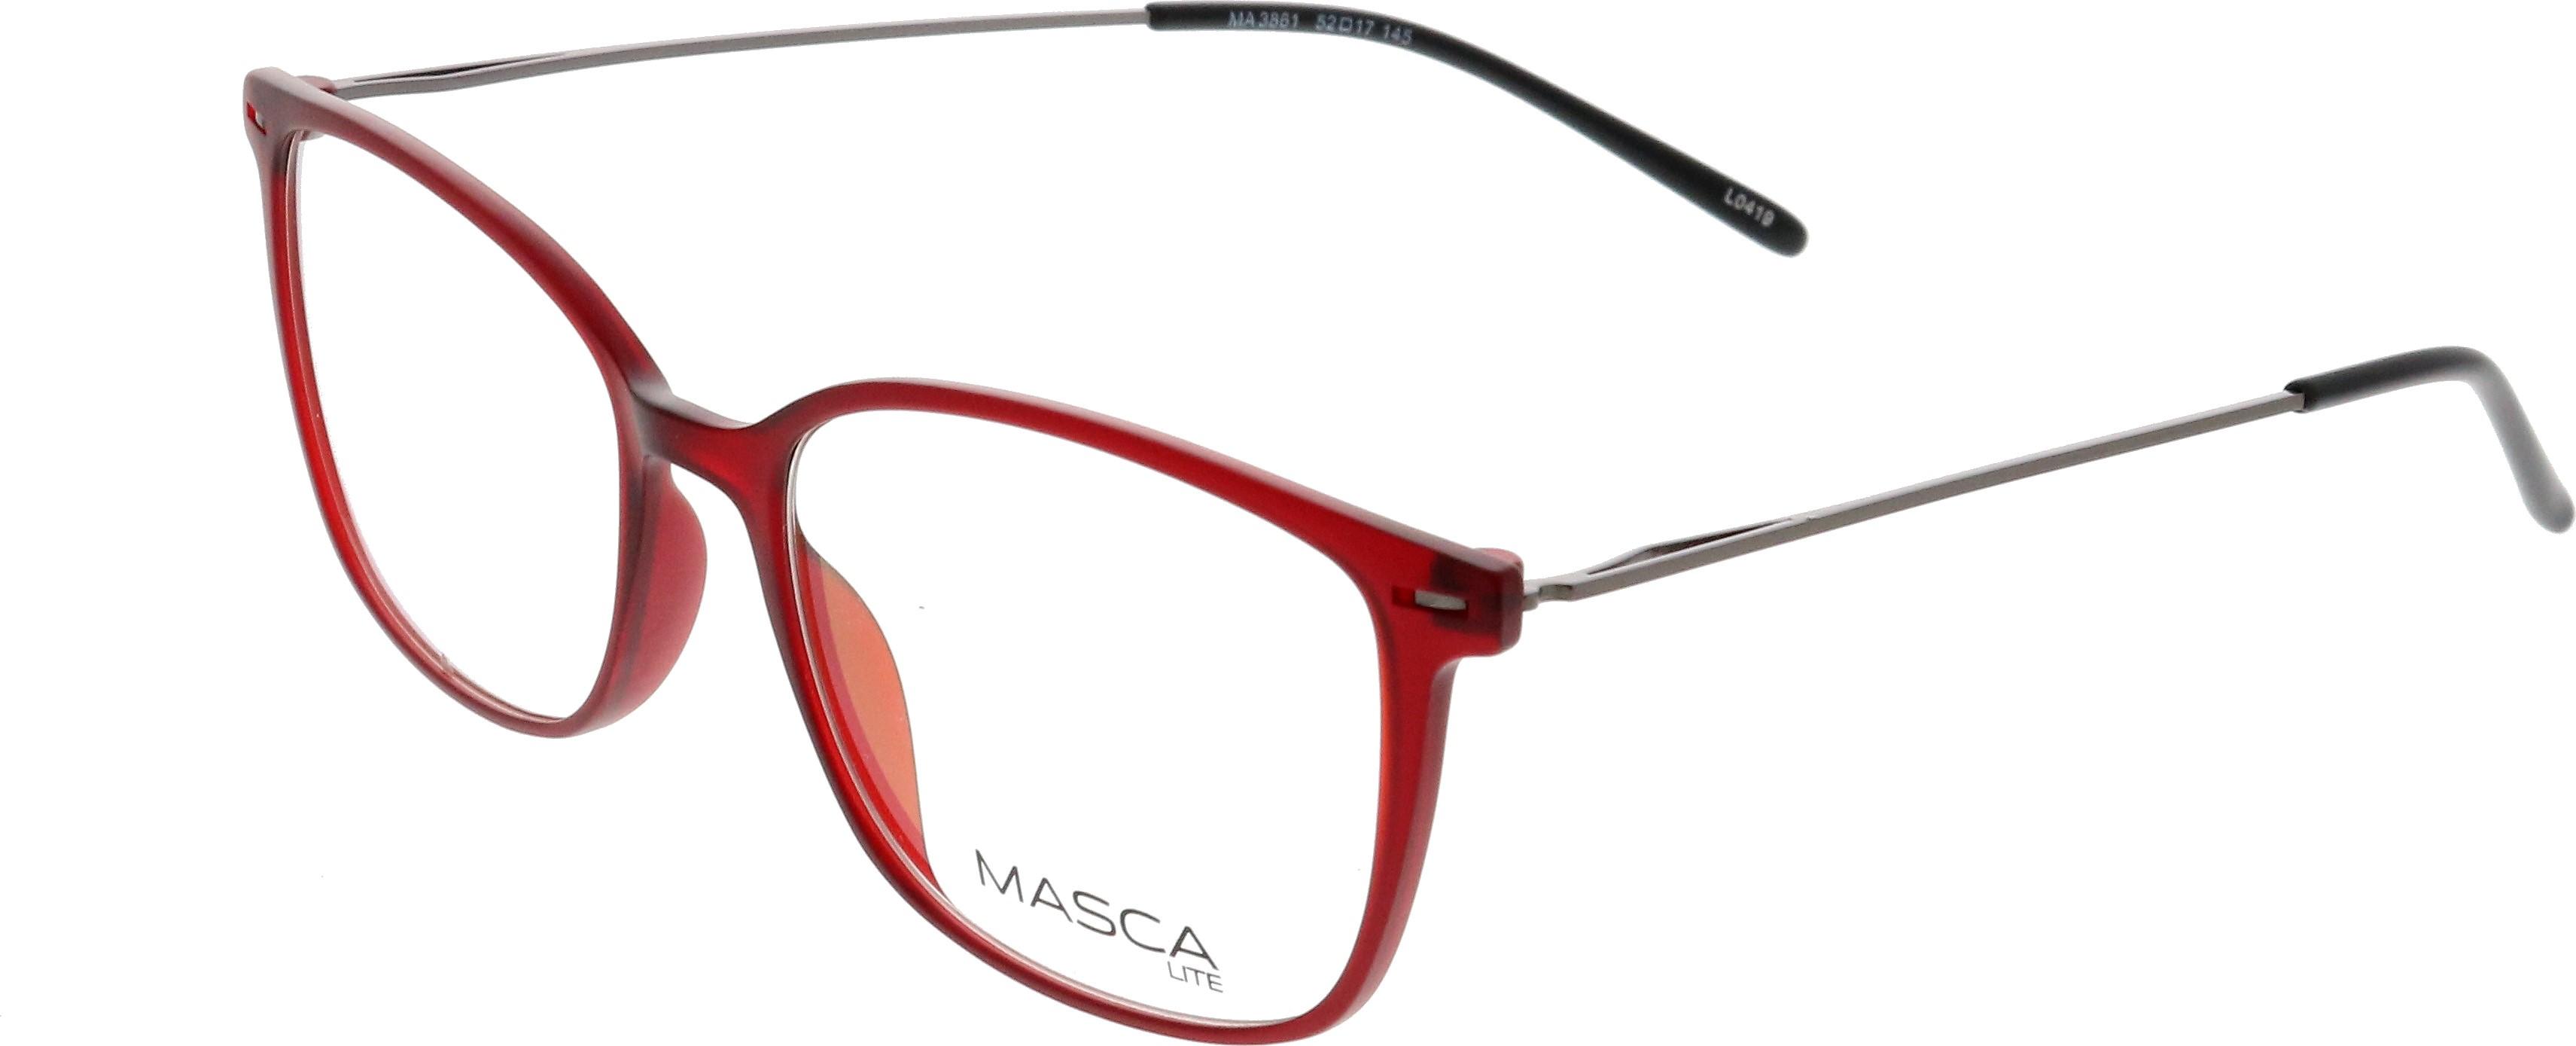 Masca 3861 Alle Brillen